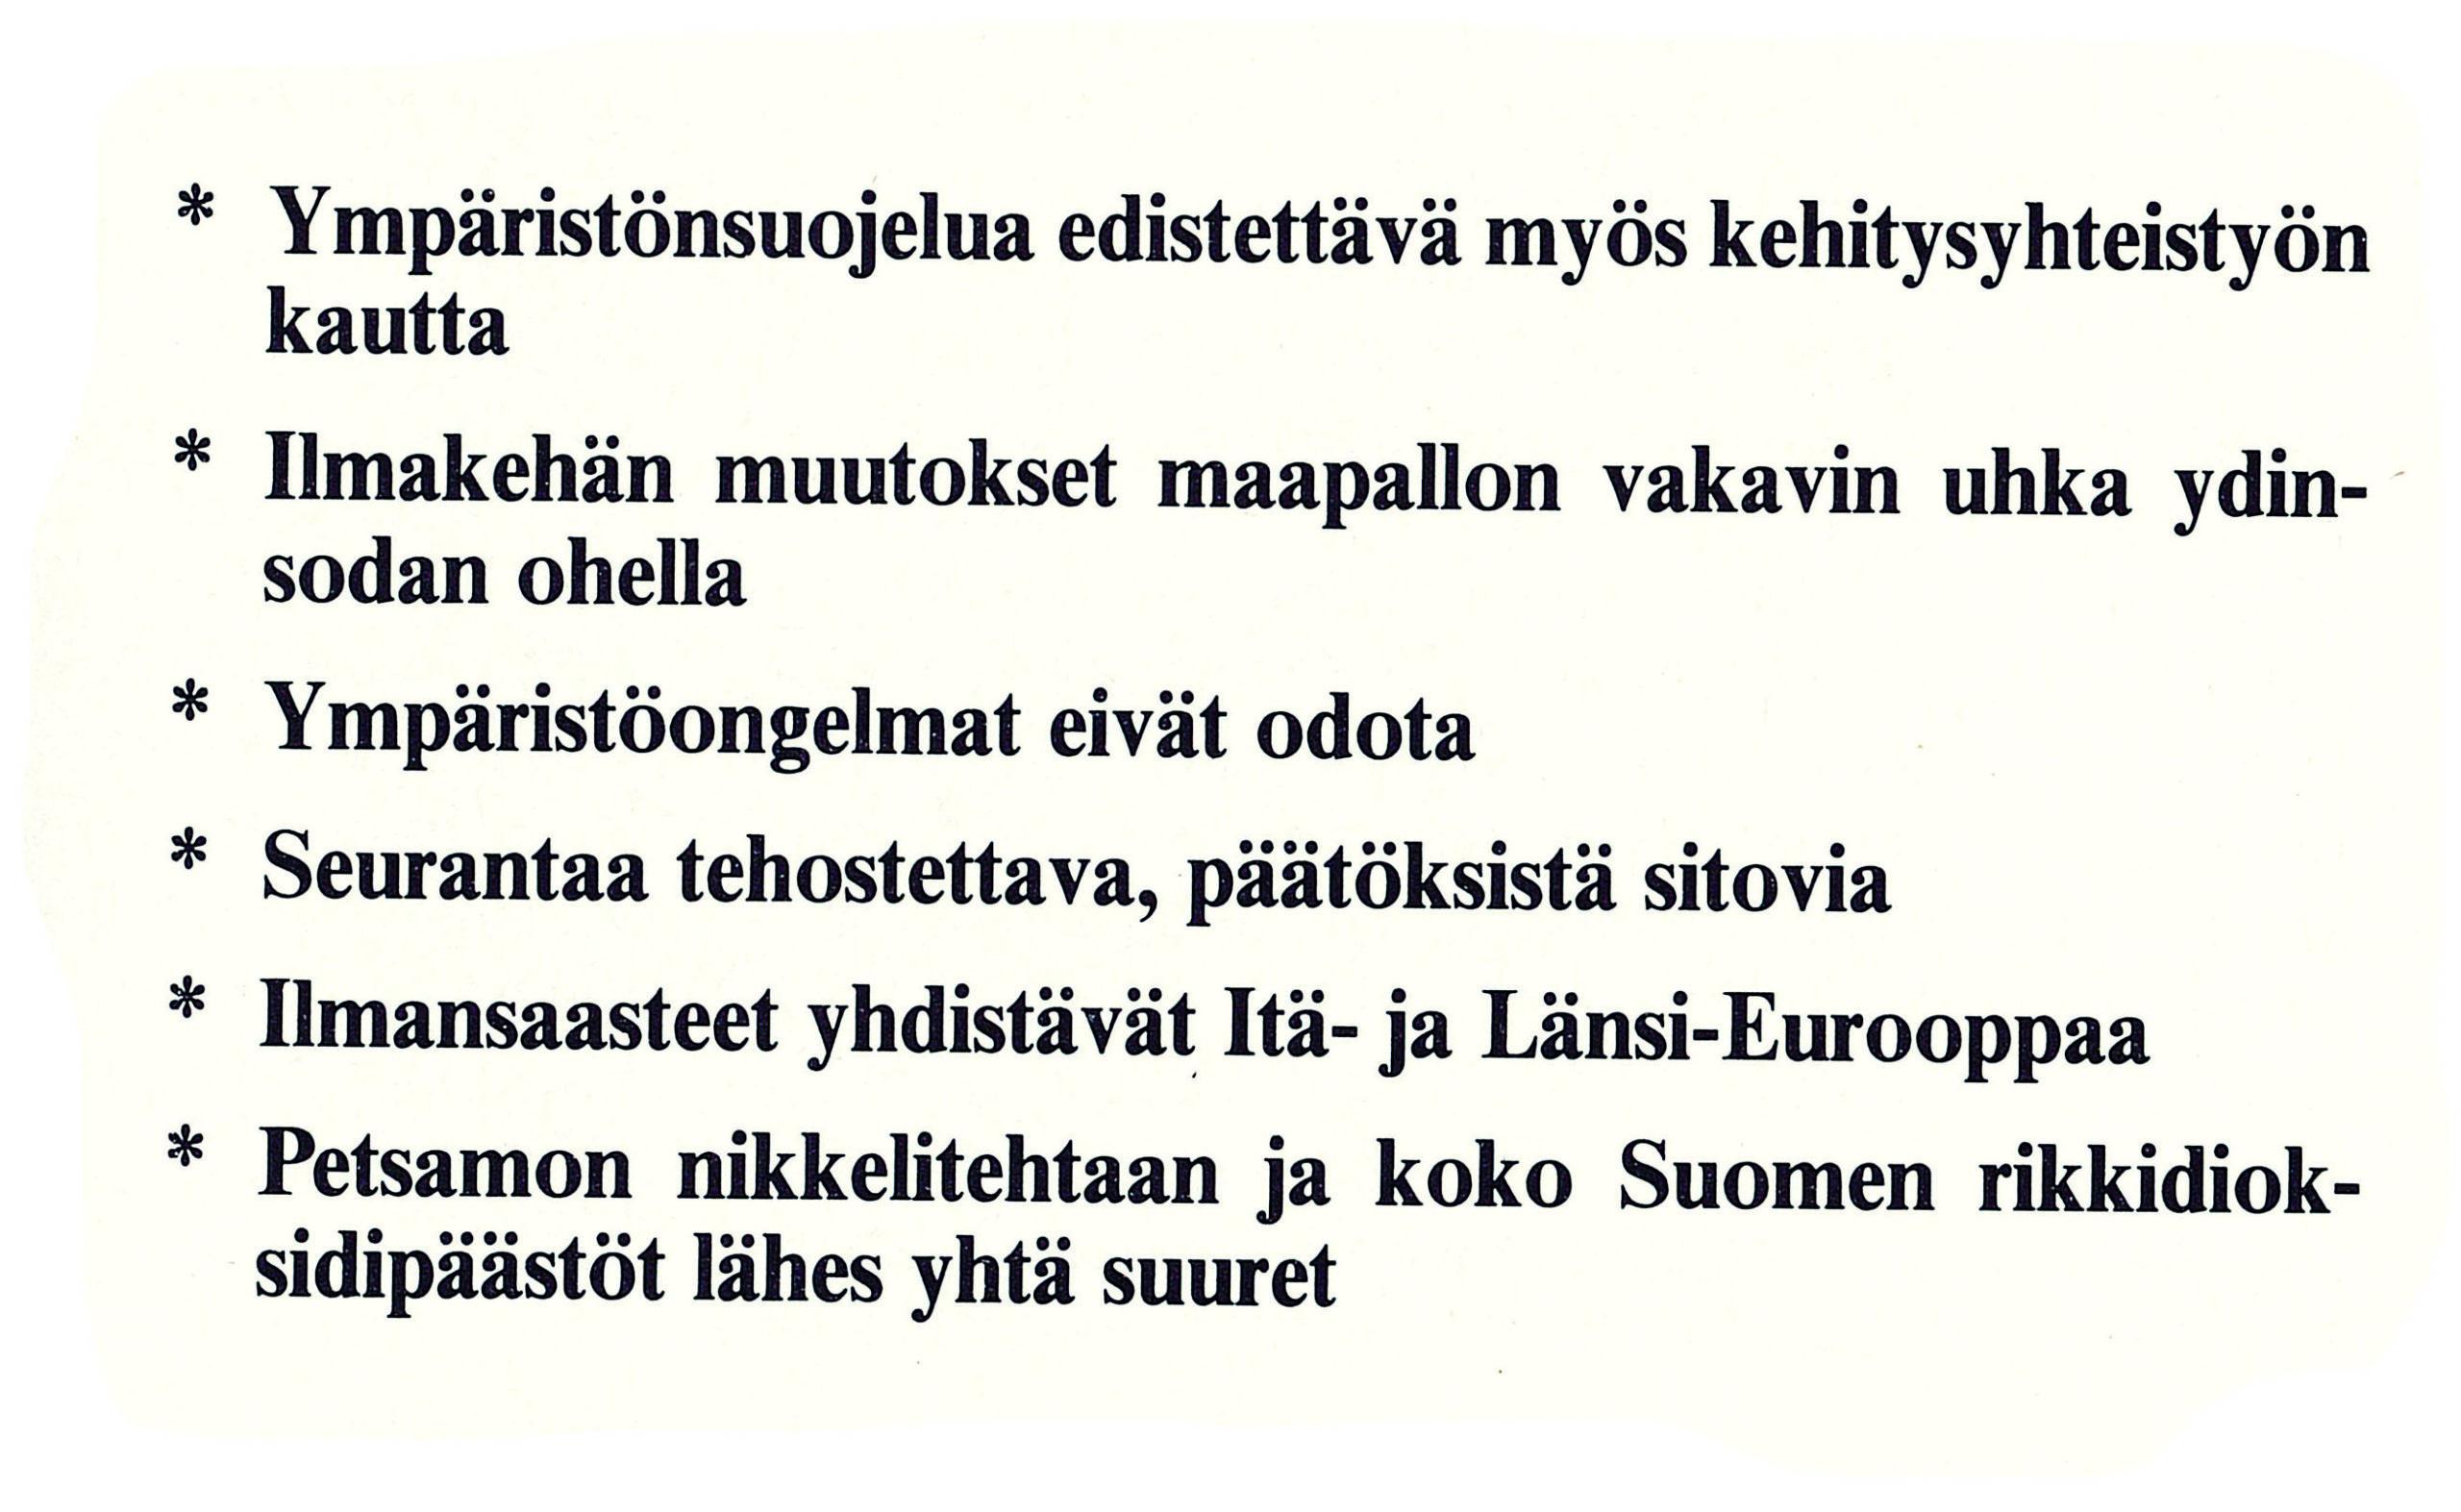 Ulkopolitiikka 3/1989, ympäristöministeri Kaj Bärlund (sd.)